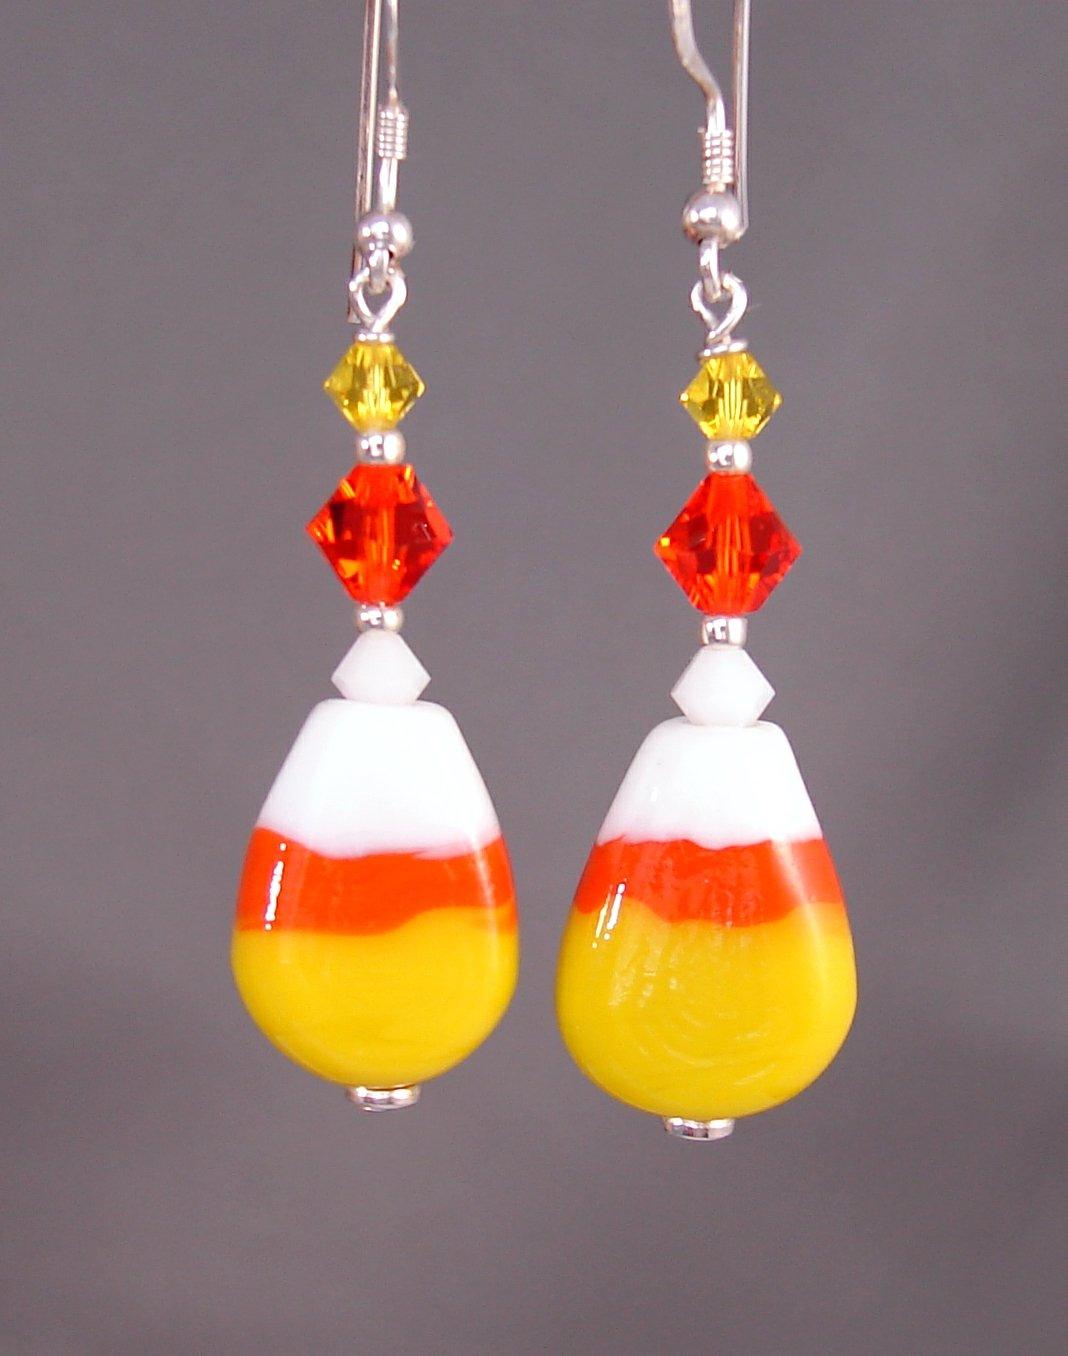 Halloween Lampwork Candy Corn Earrings w/ Swarovski Crystal Elements - H605